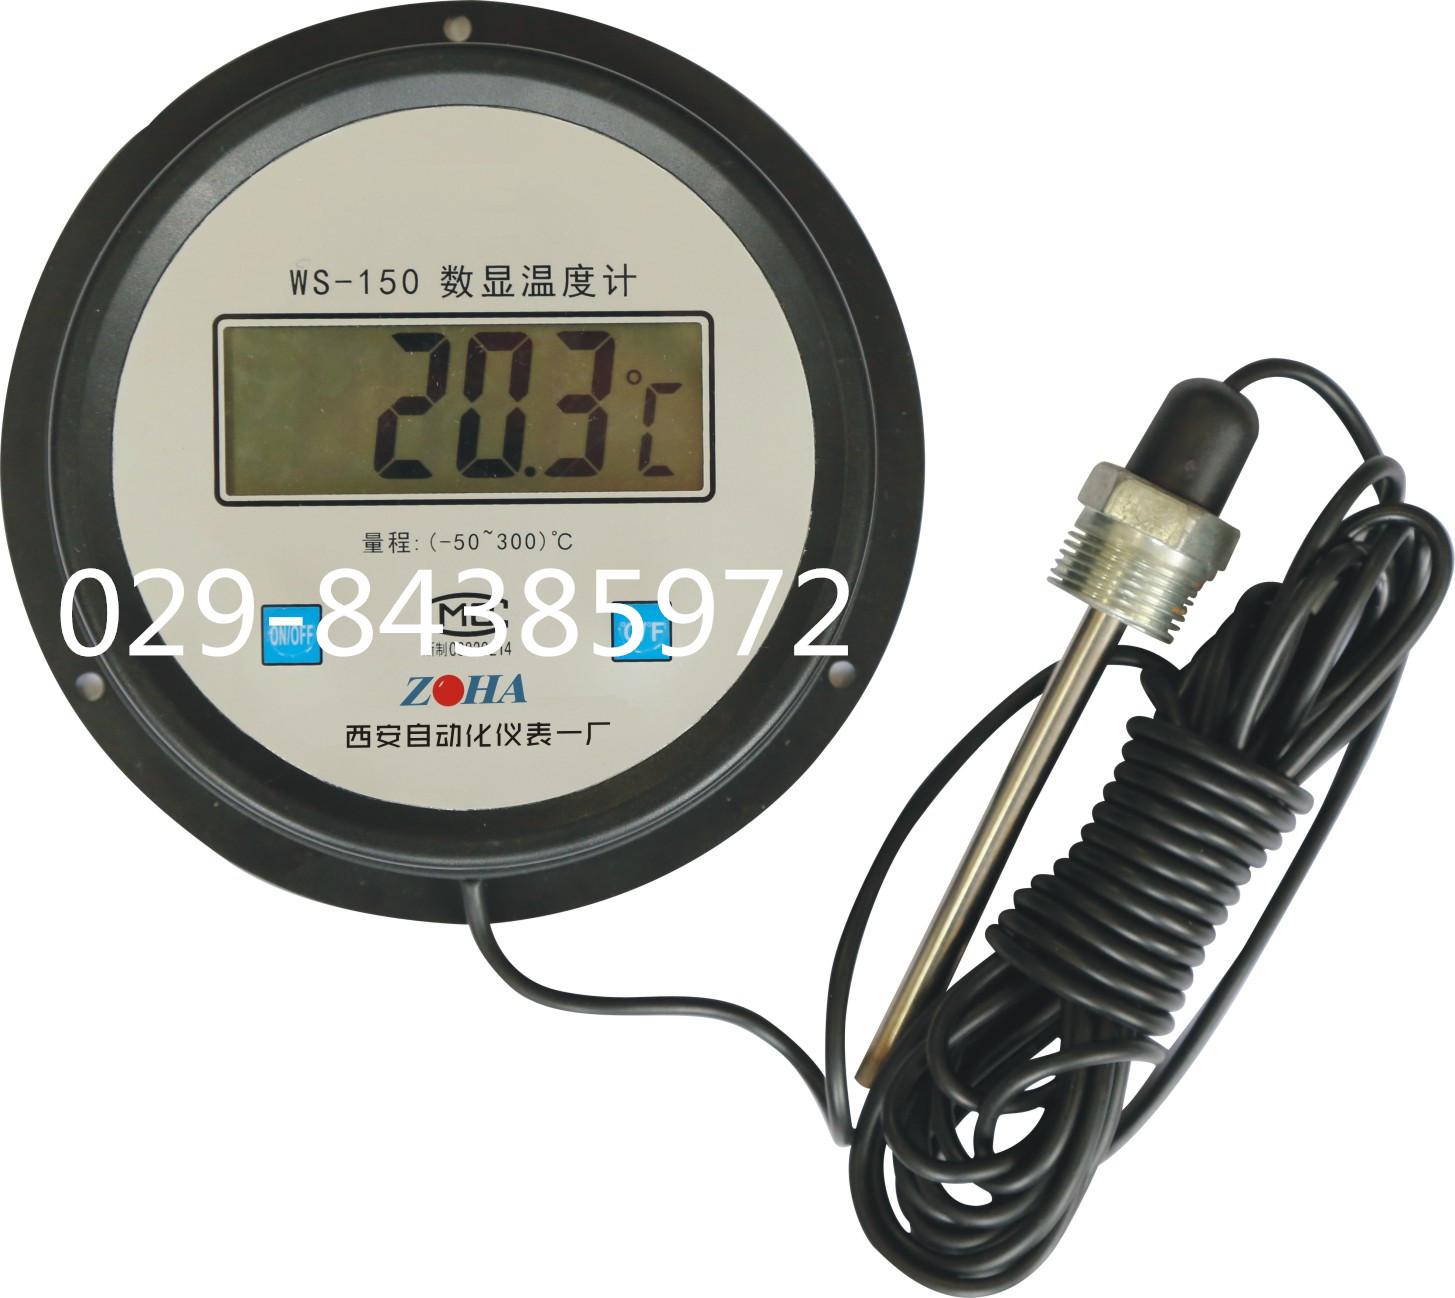 WS-150数显温度计, 数字温度计